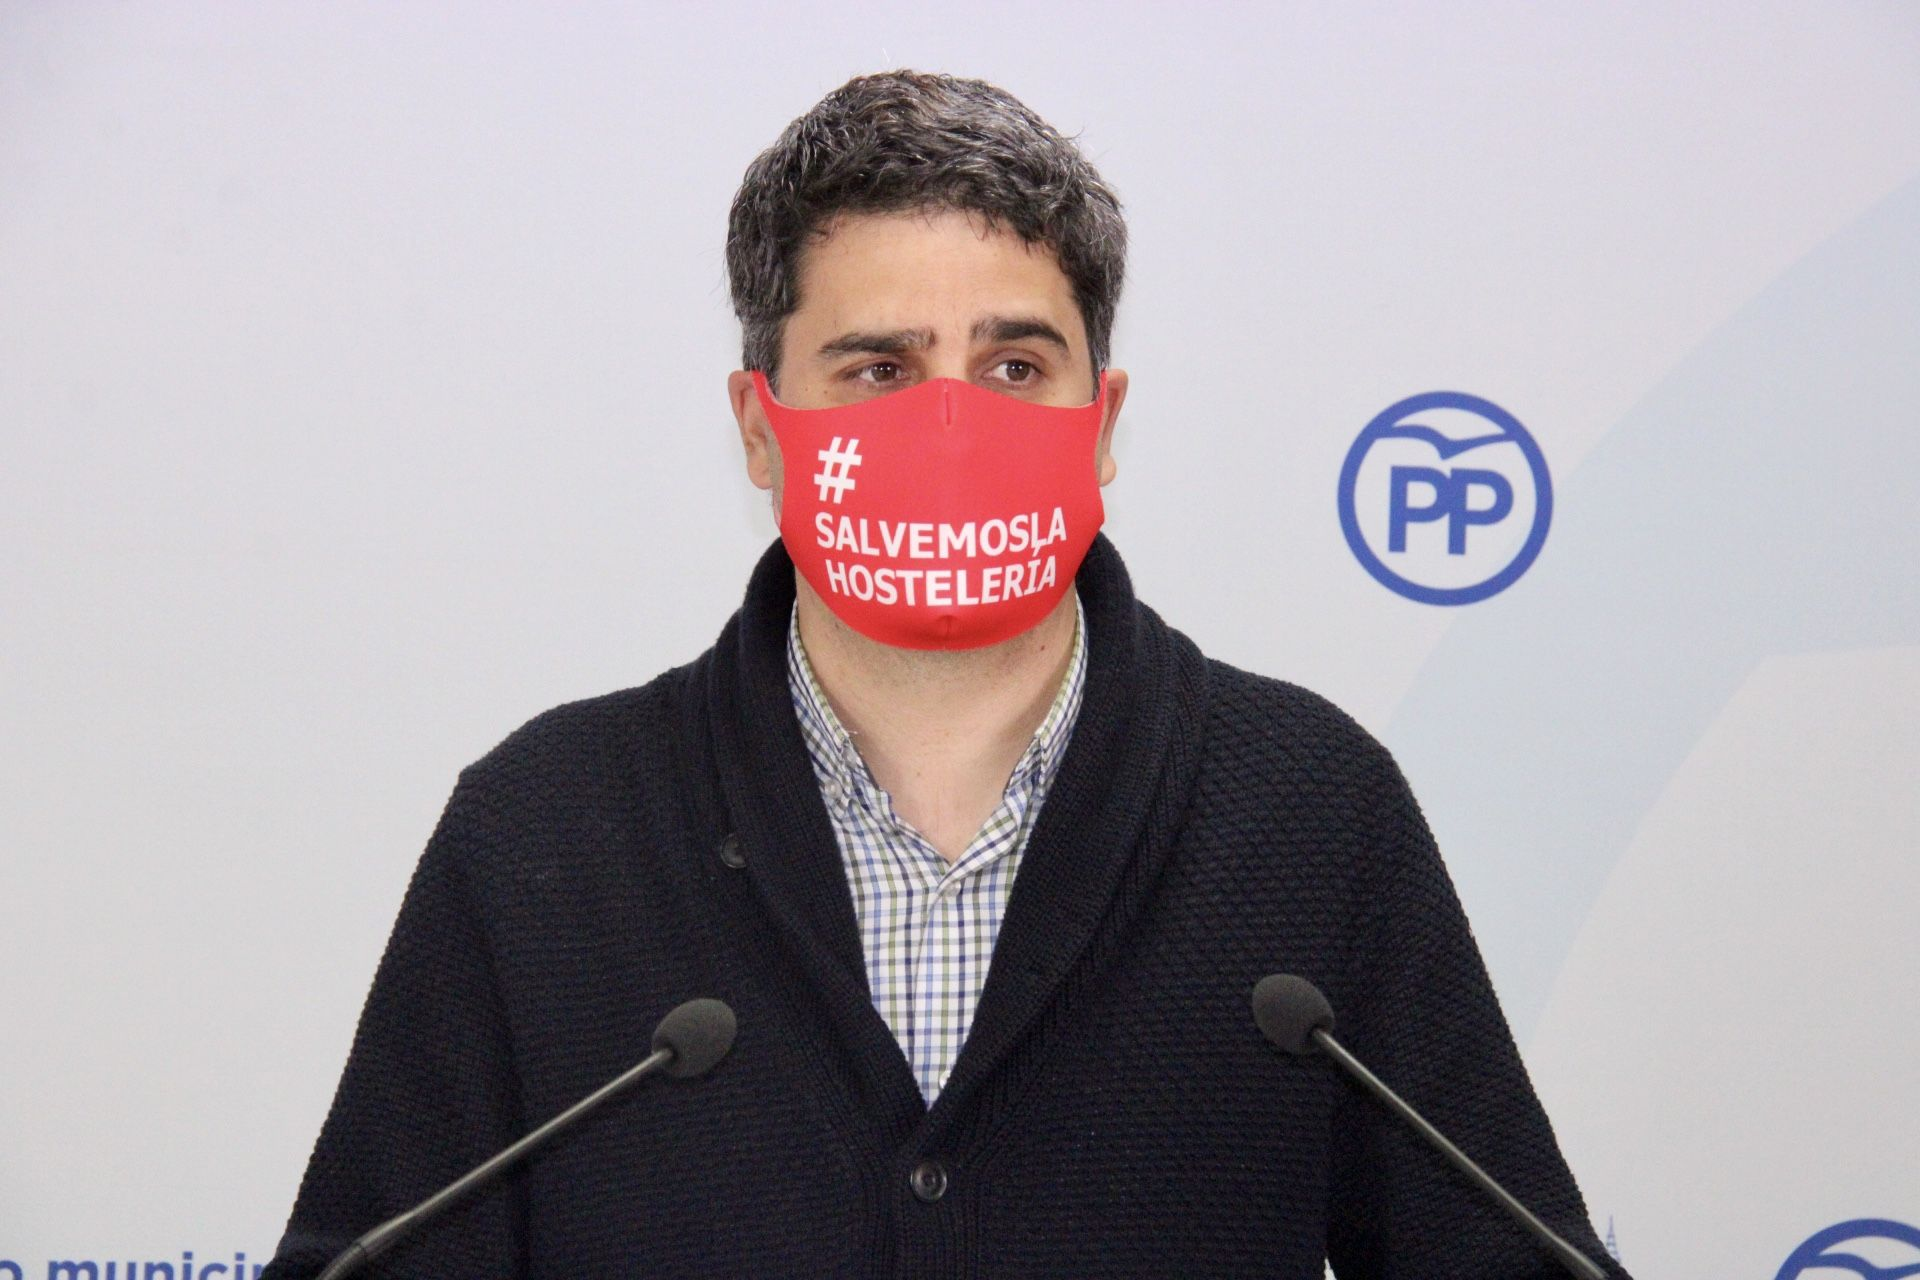 El PP insta a Tolón a suspender y condonar todas las tasas e impuestos a los establecimientos hosteleros tras impedirles desarrollar su actividad